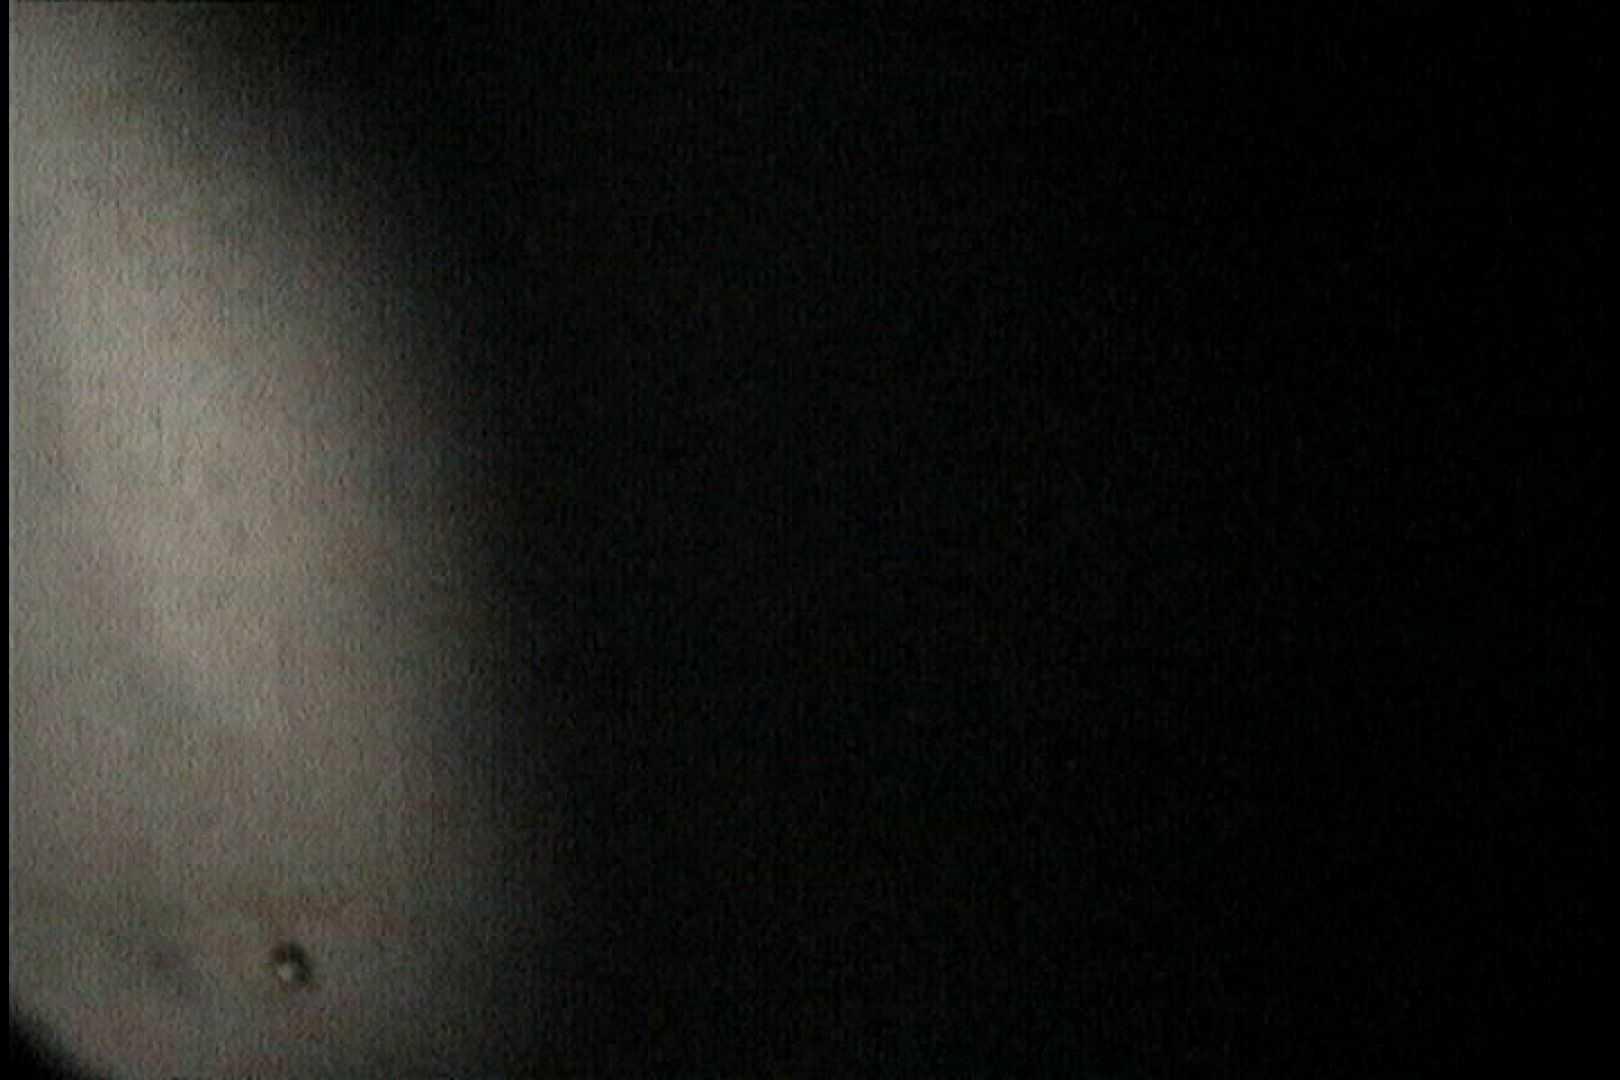 セックスアダルト動画|No.78 堅そうなおっぱいと一瞬見える一本道!!|怪盗ジョーカー